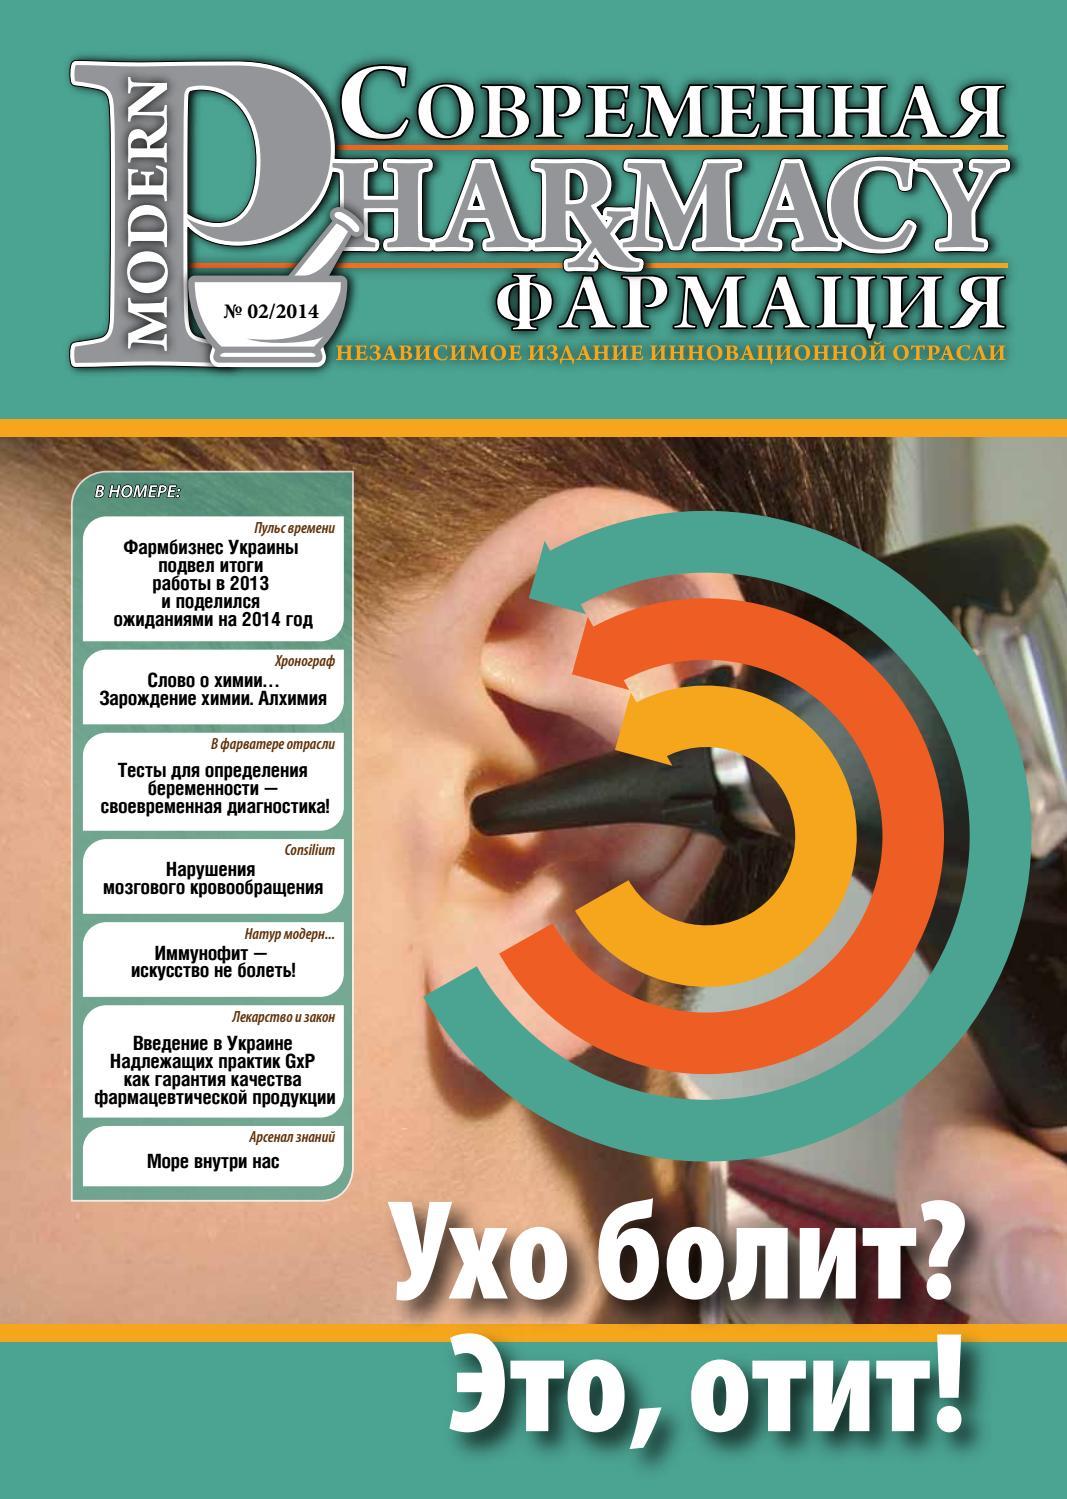 Инструкция и способы применения мирамистина для взрослых и детей, аналоги препарата